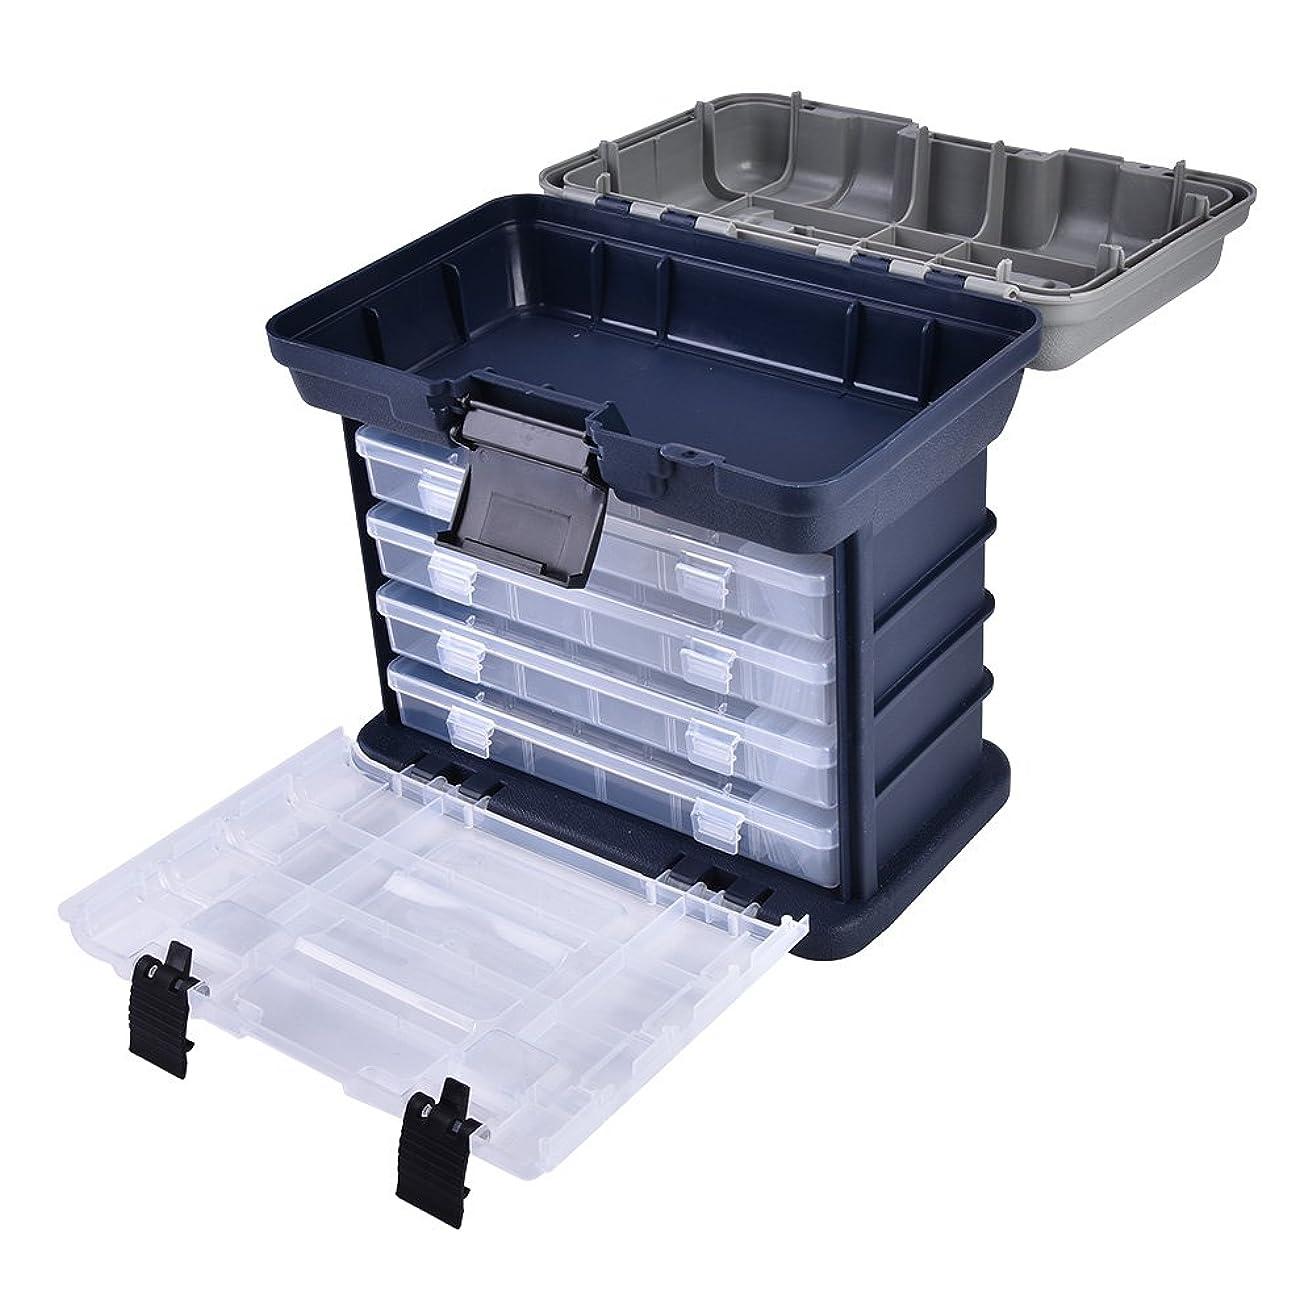 嘆くもう一度息子フィッシングボックス 収納ボックス ルアーケース 軽量 大容量 釣り具 釣り道具箱 釣りアクセサリー